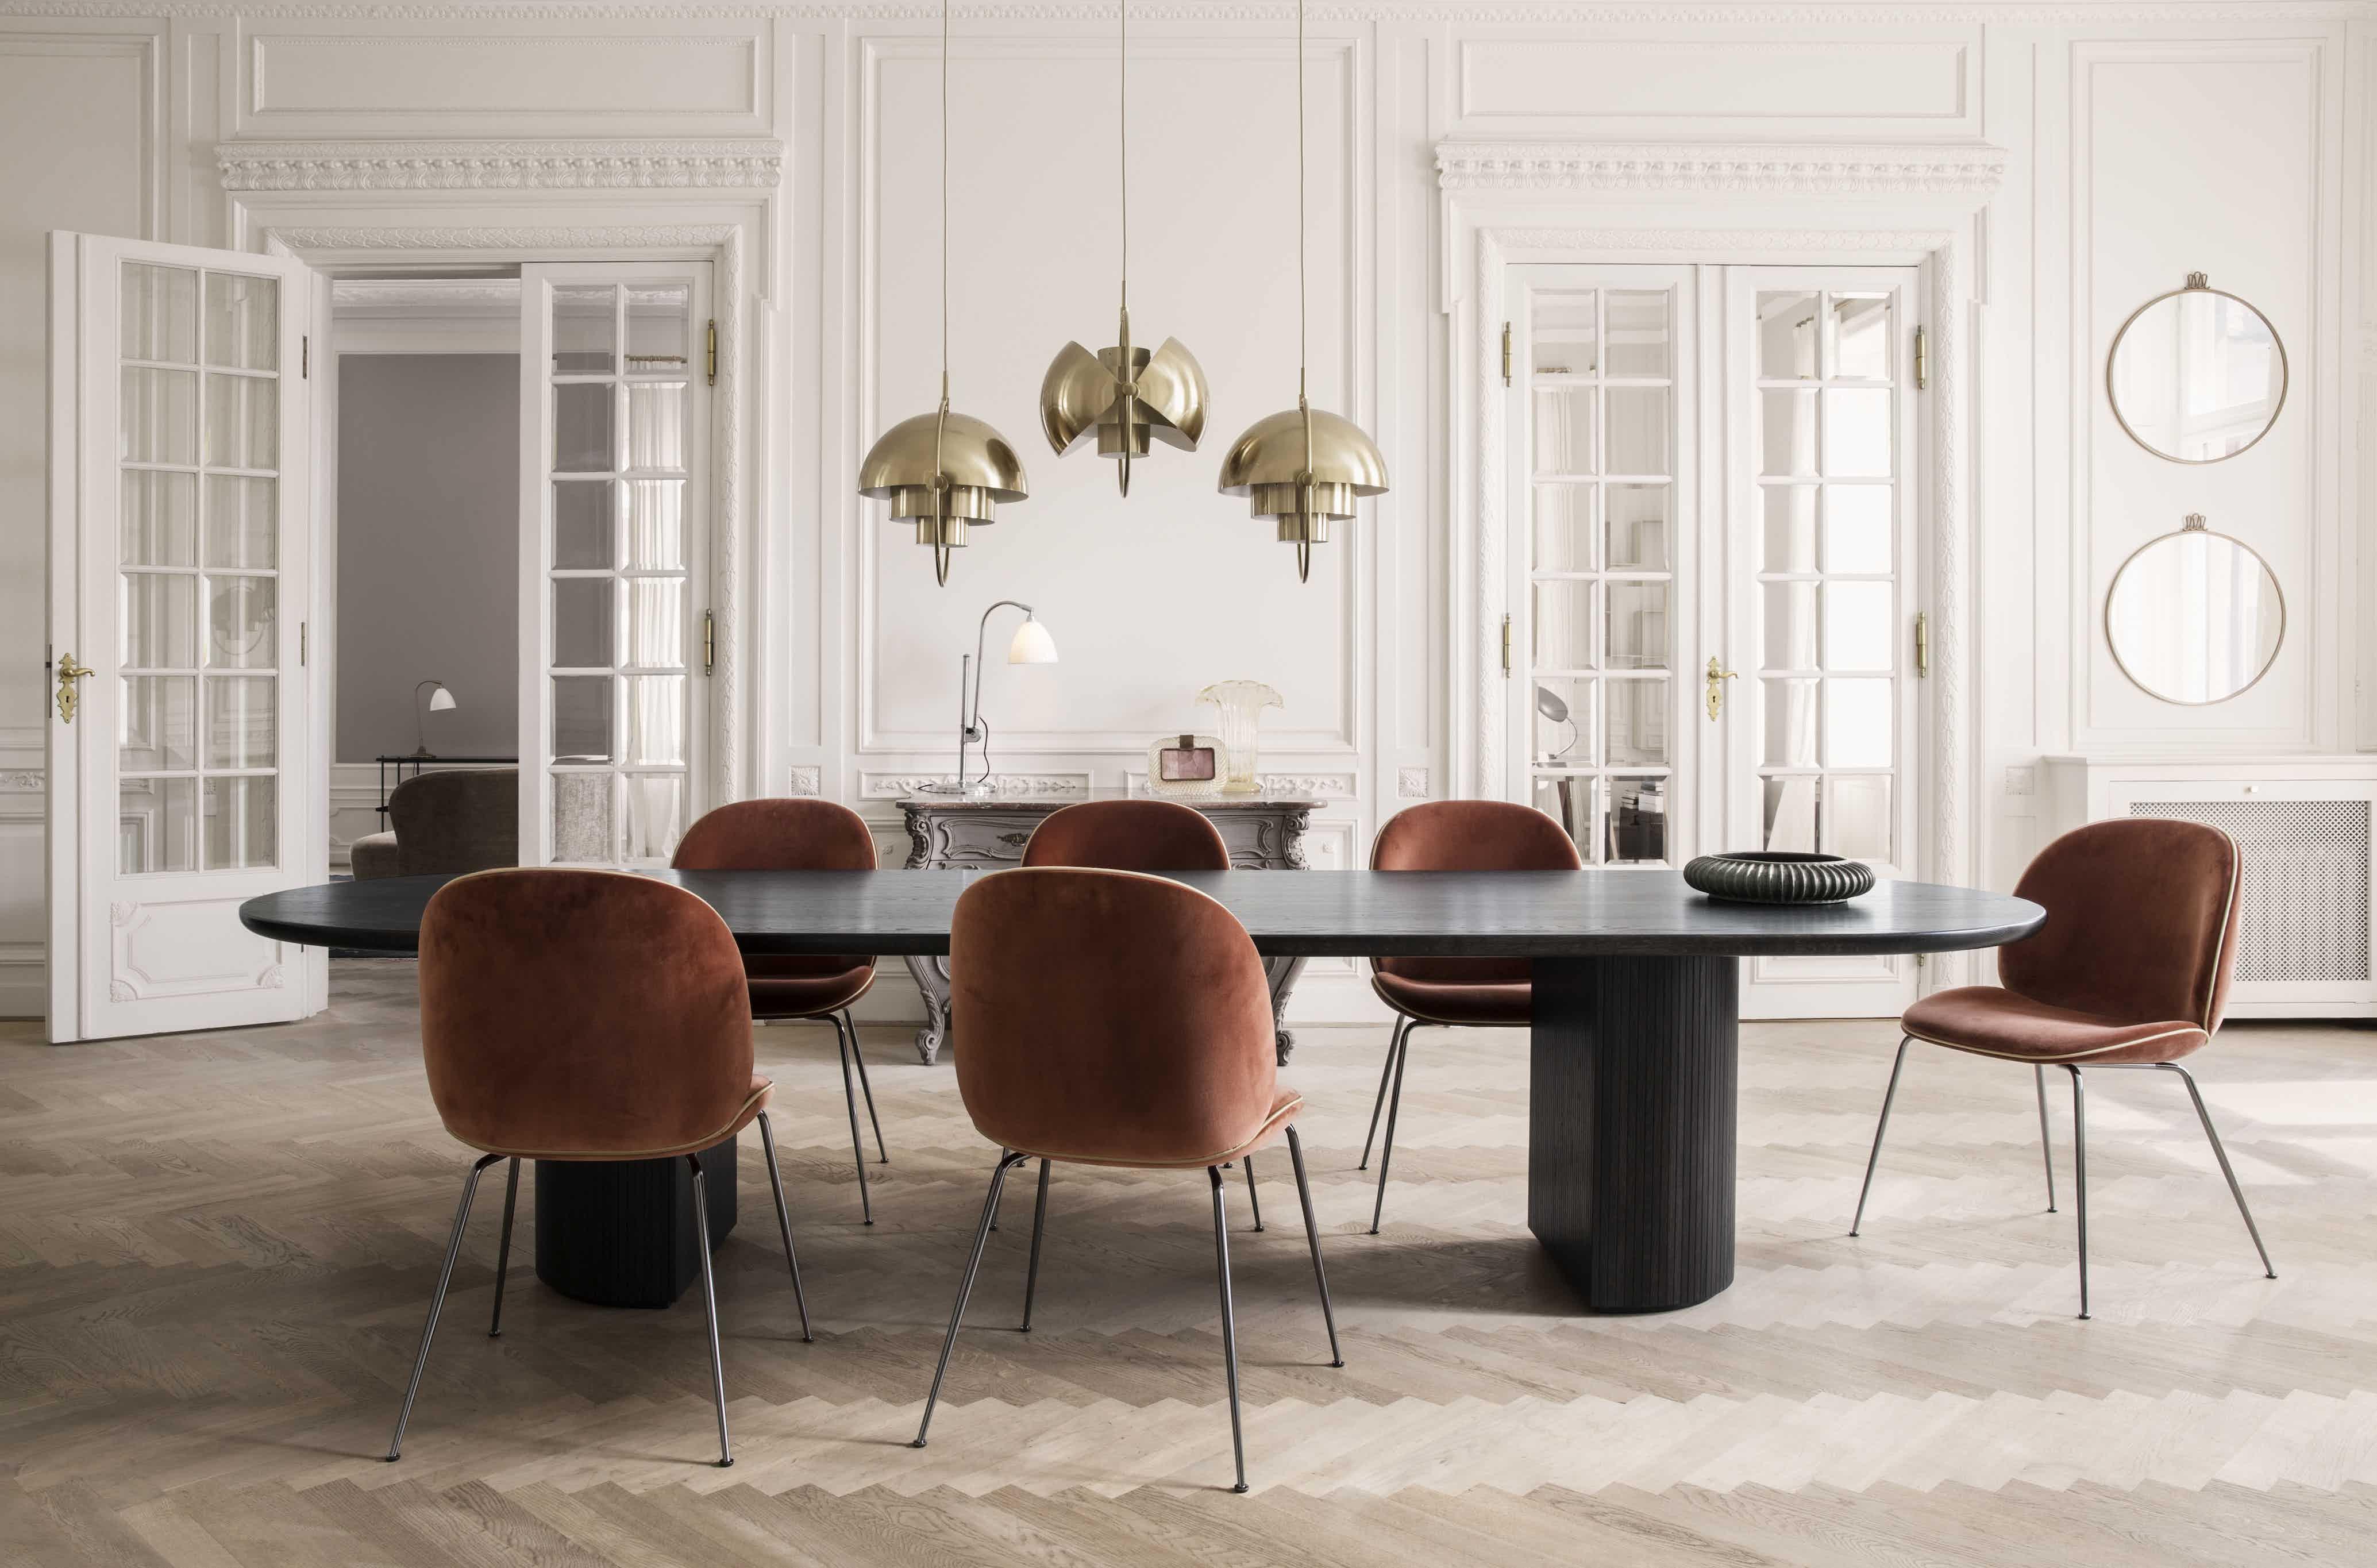 Avansert Moon Dining Table by Gubi | Haute Living SP-65